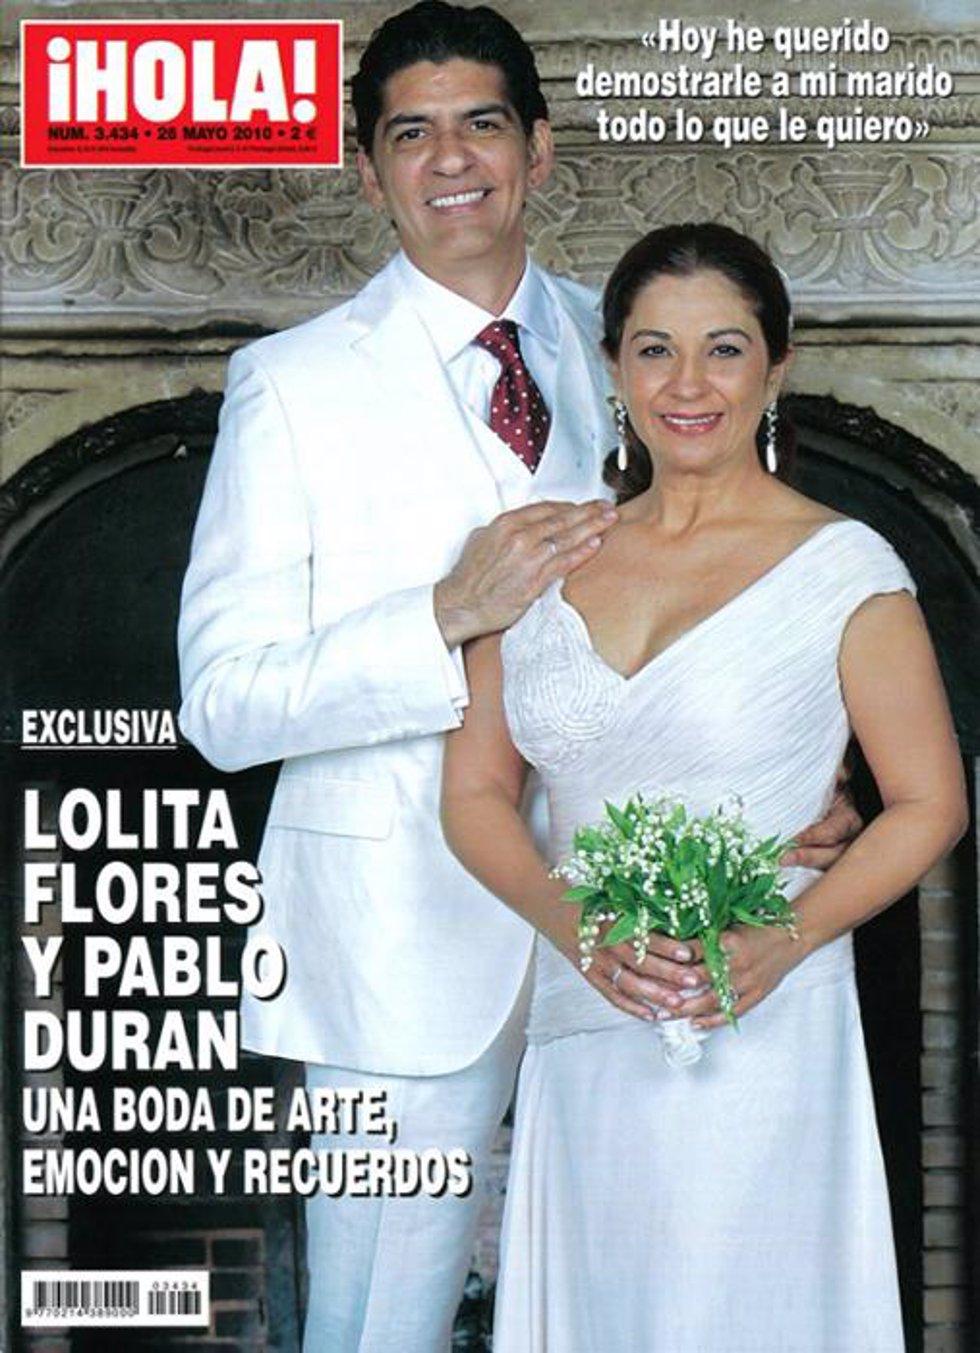 Boda de Lolita Flores y Pablo Durán, exclusiva en la revista ¡Hola!